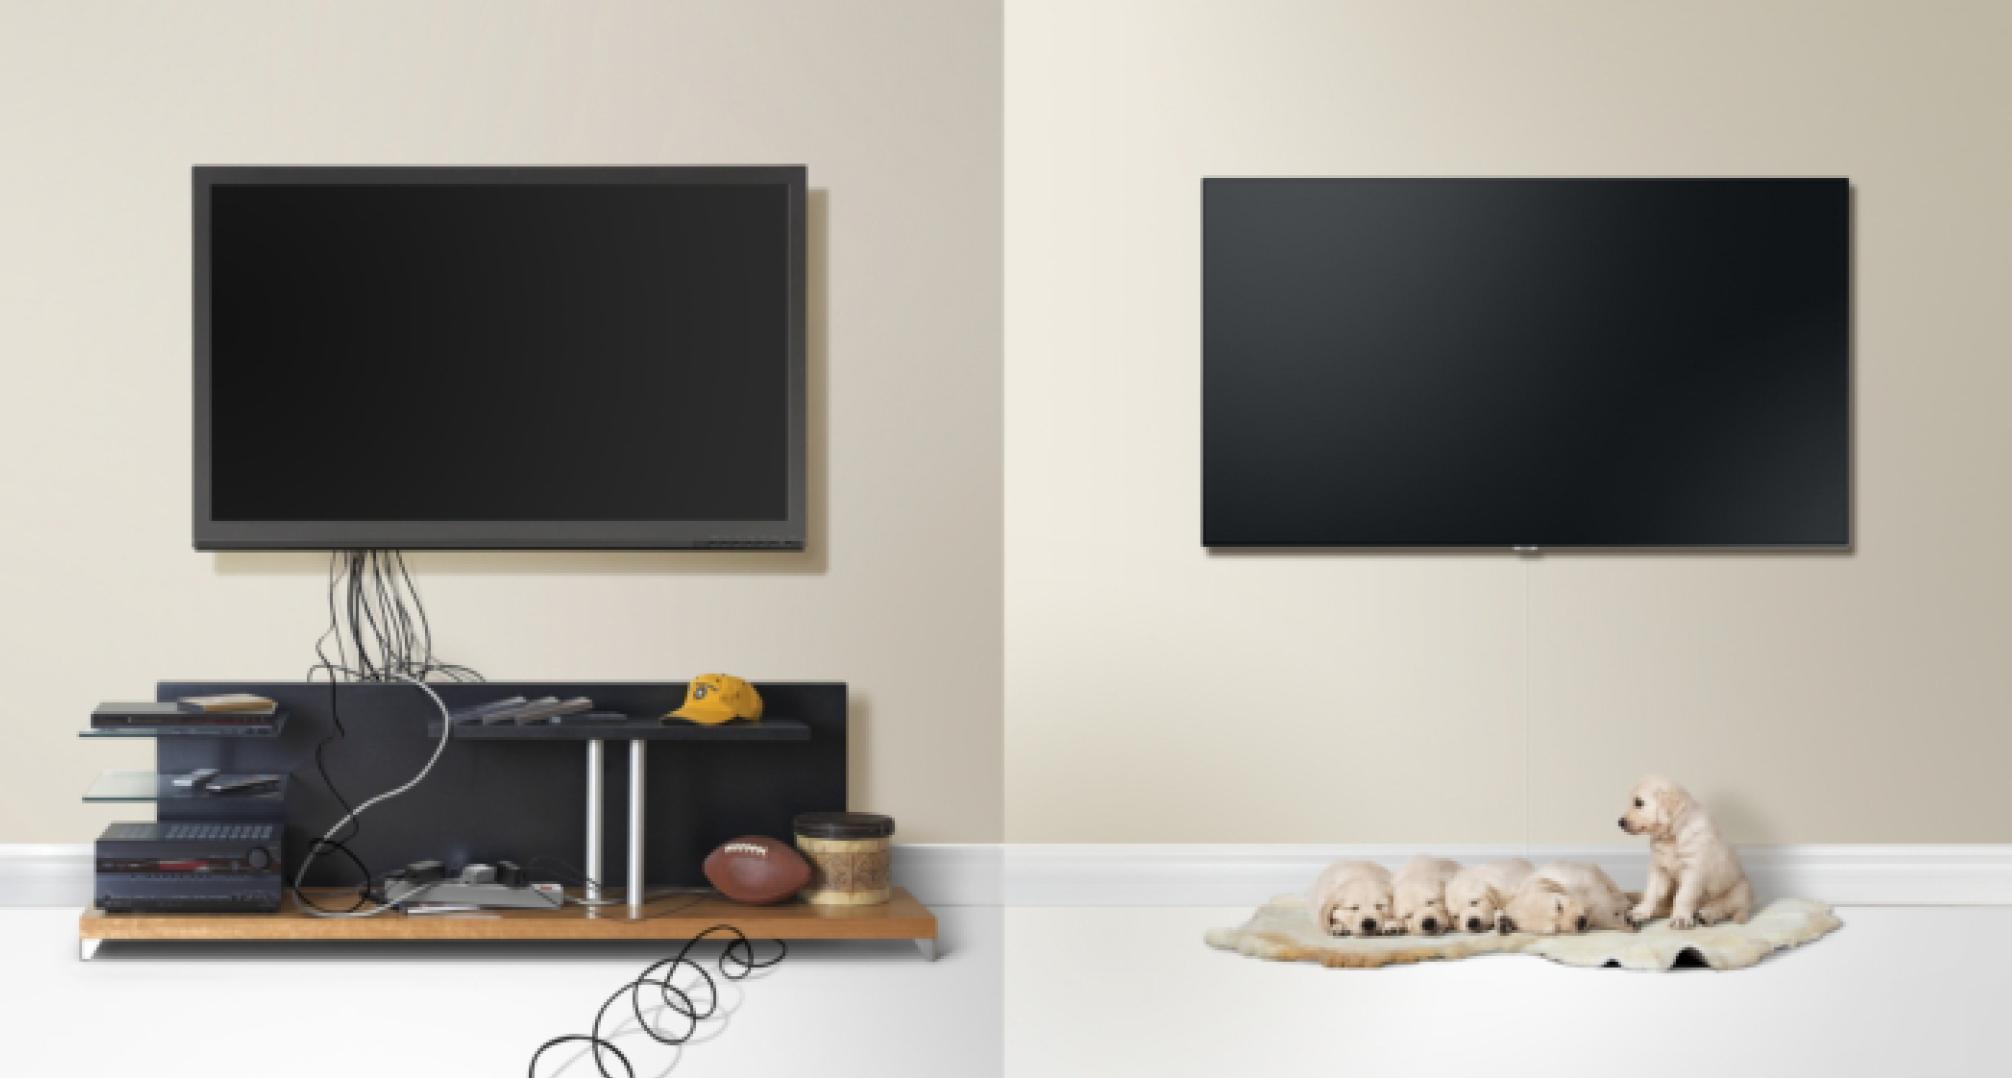 samsung qled tvs arriving at best buy best buy blog. Black Bedroom Furniture Sets. Home Design Ideas